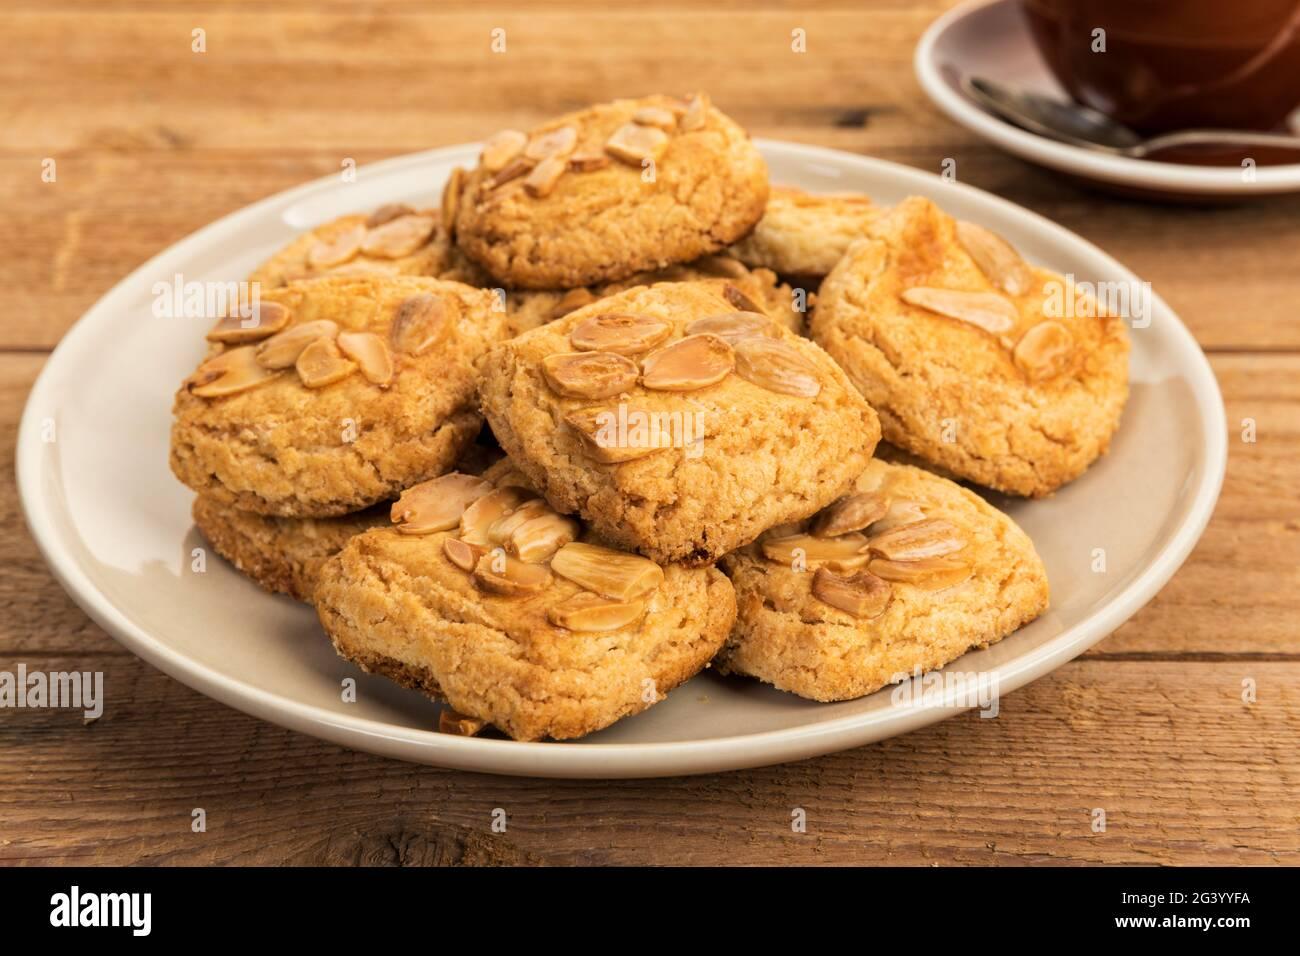 Spanische Almendrados Kekse mit Mandeln auf einem Teller, auf einem rustikalen Couchtisch Stockfoto